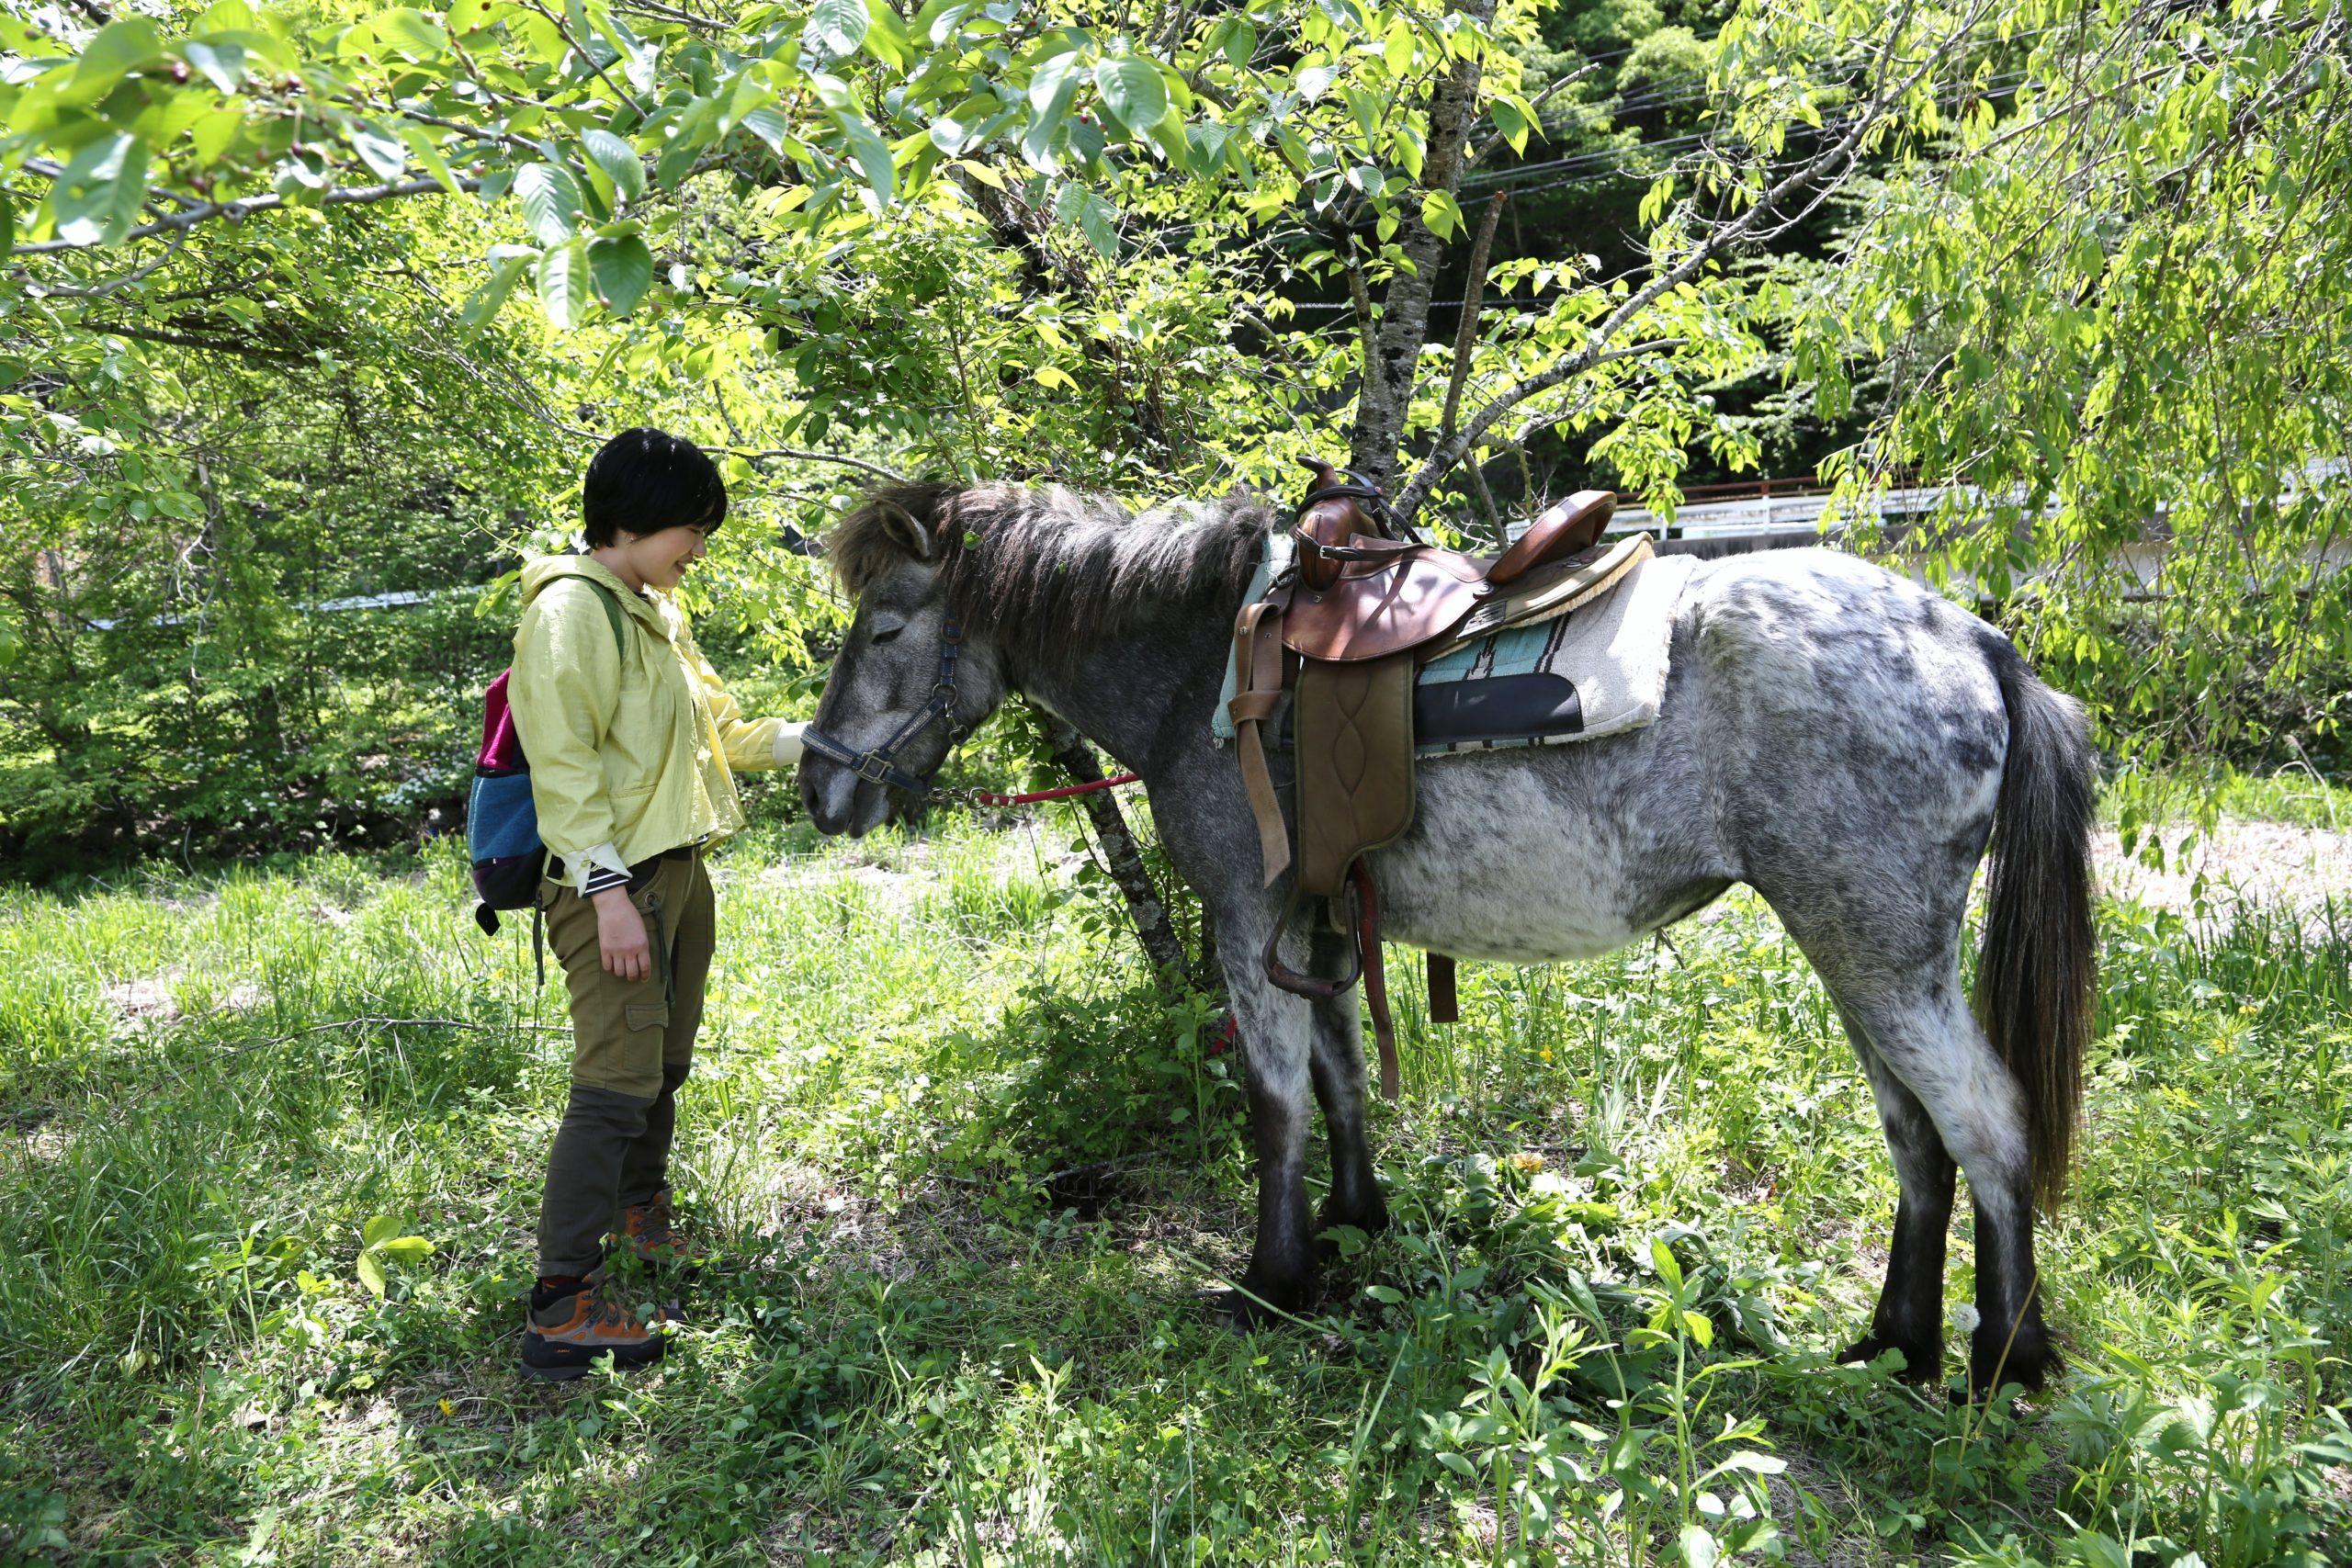 【終了】ホースセラピー講座「これでいいの? 子どもとの関わり方」 その答えは 馬が知っている! 9/25&26